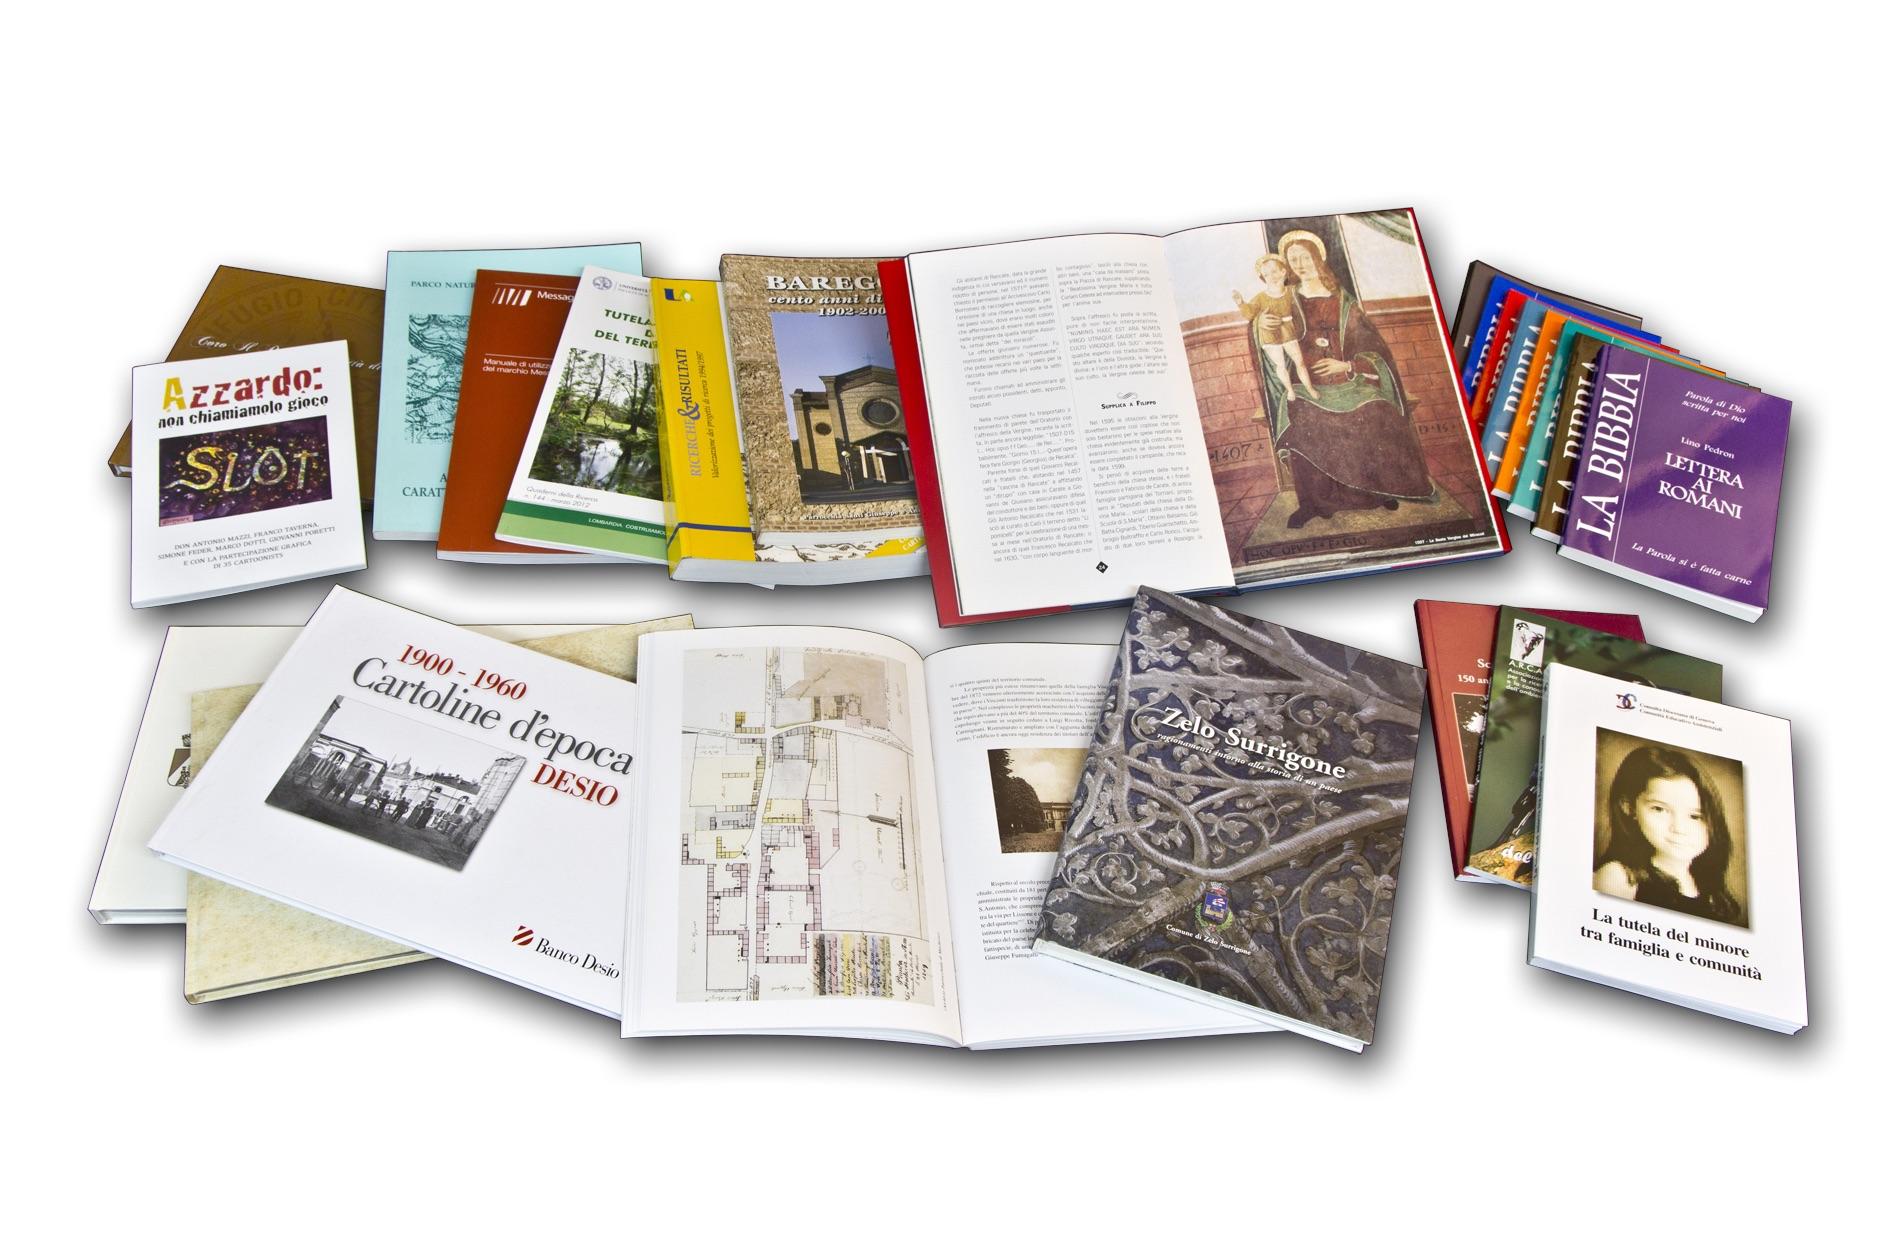 LIBRI & MONOGRAFIE A colori e bianco/nero, con copertina cartonata o con alette, rilegatura di qualsiasi tipo STAMPA: OFFSET, DIGITALE